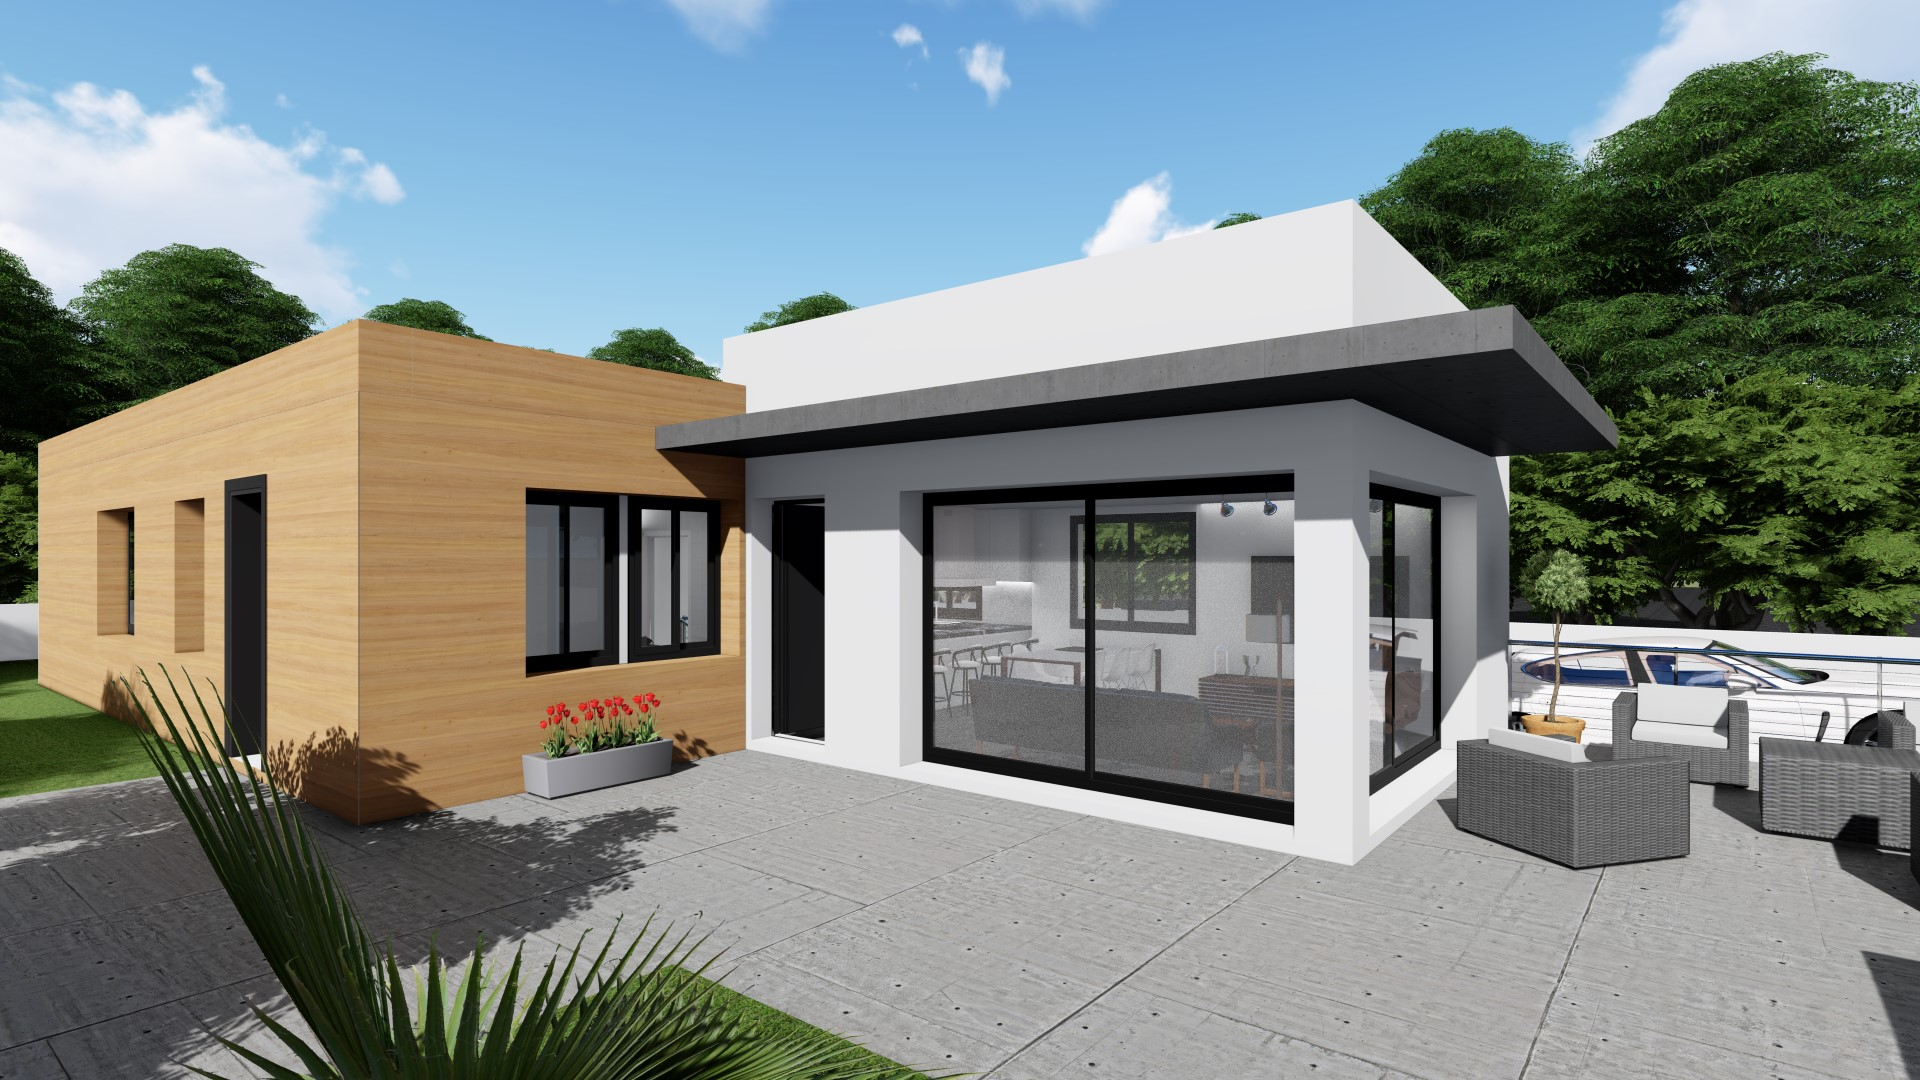 Turnhoutse hypotheken